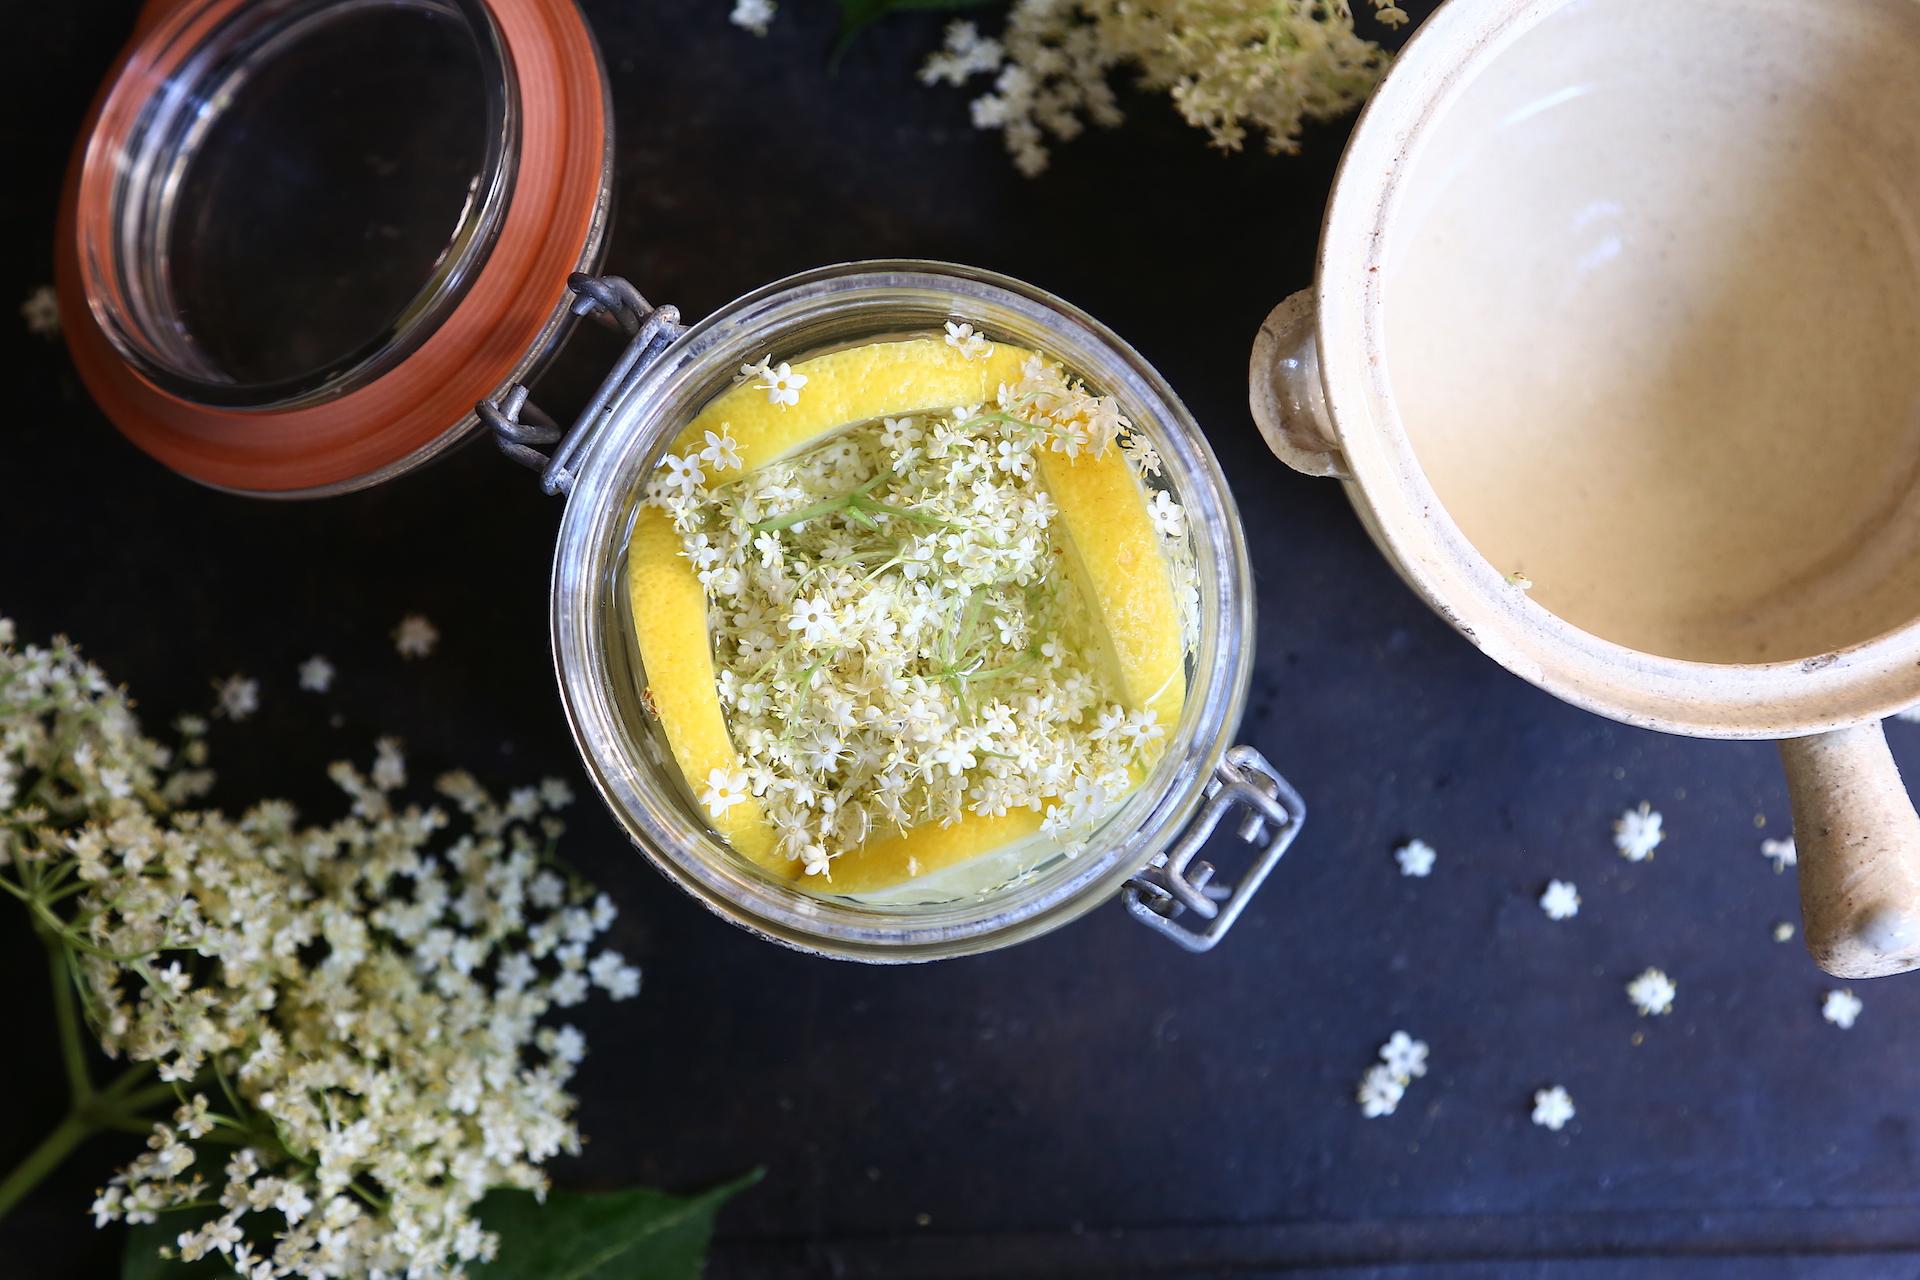 Acqua per infusione fiori sambuco e limone © Beatrice Spagoni copia